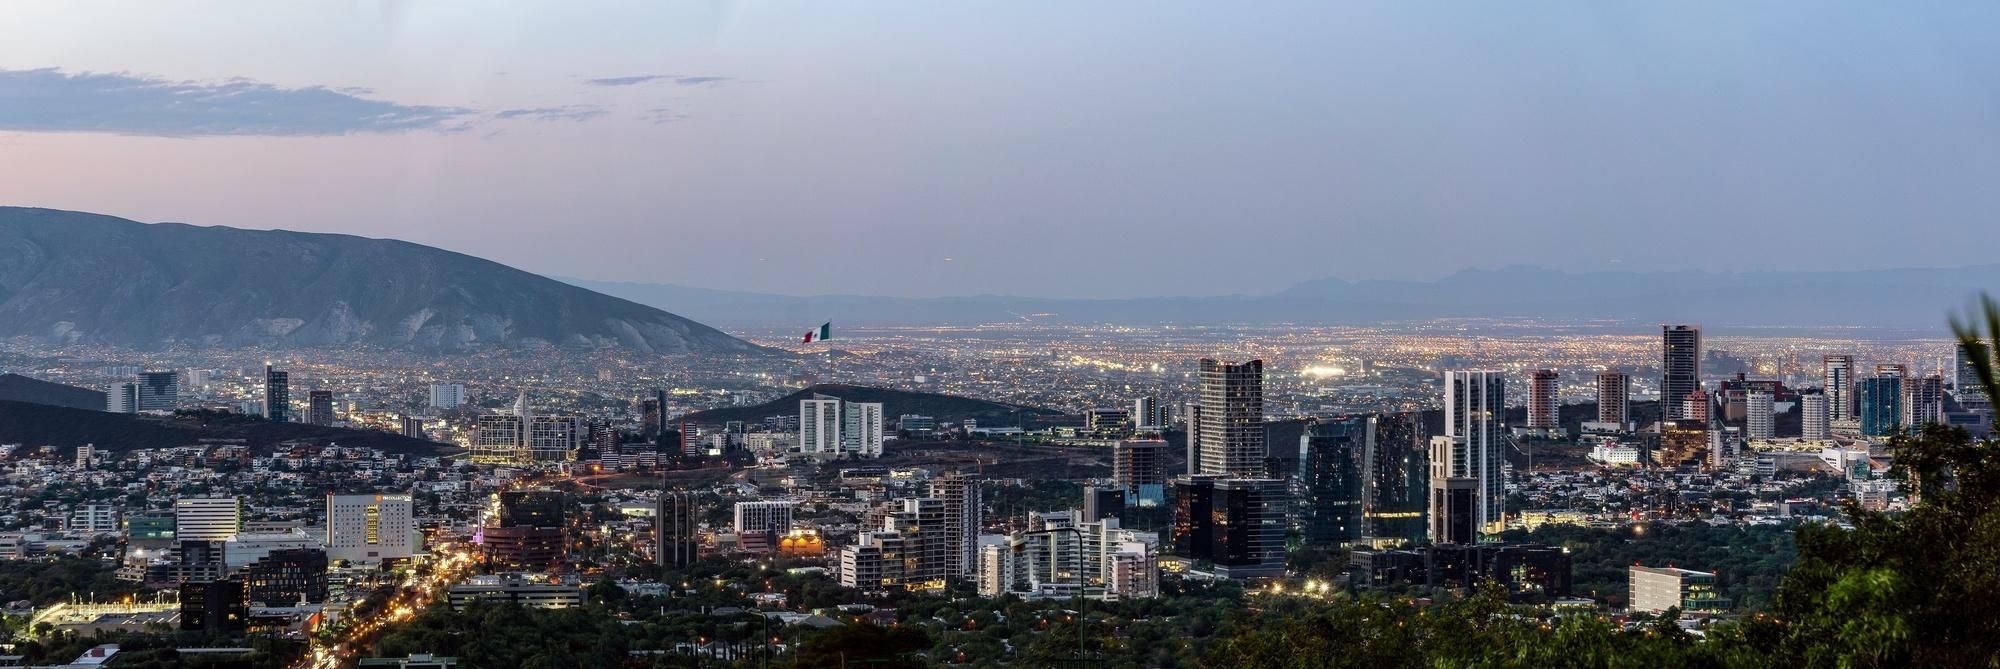 Ciudad de Monterrey.jpg